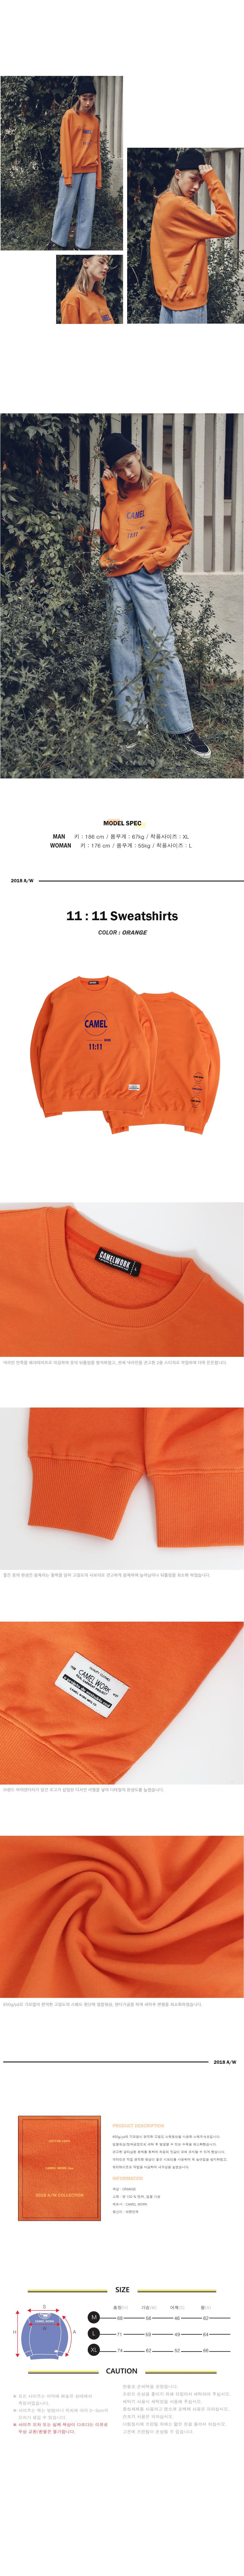 1111 Sweatshirts or2.jpg